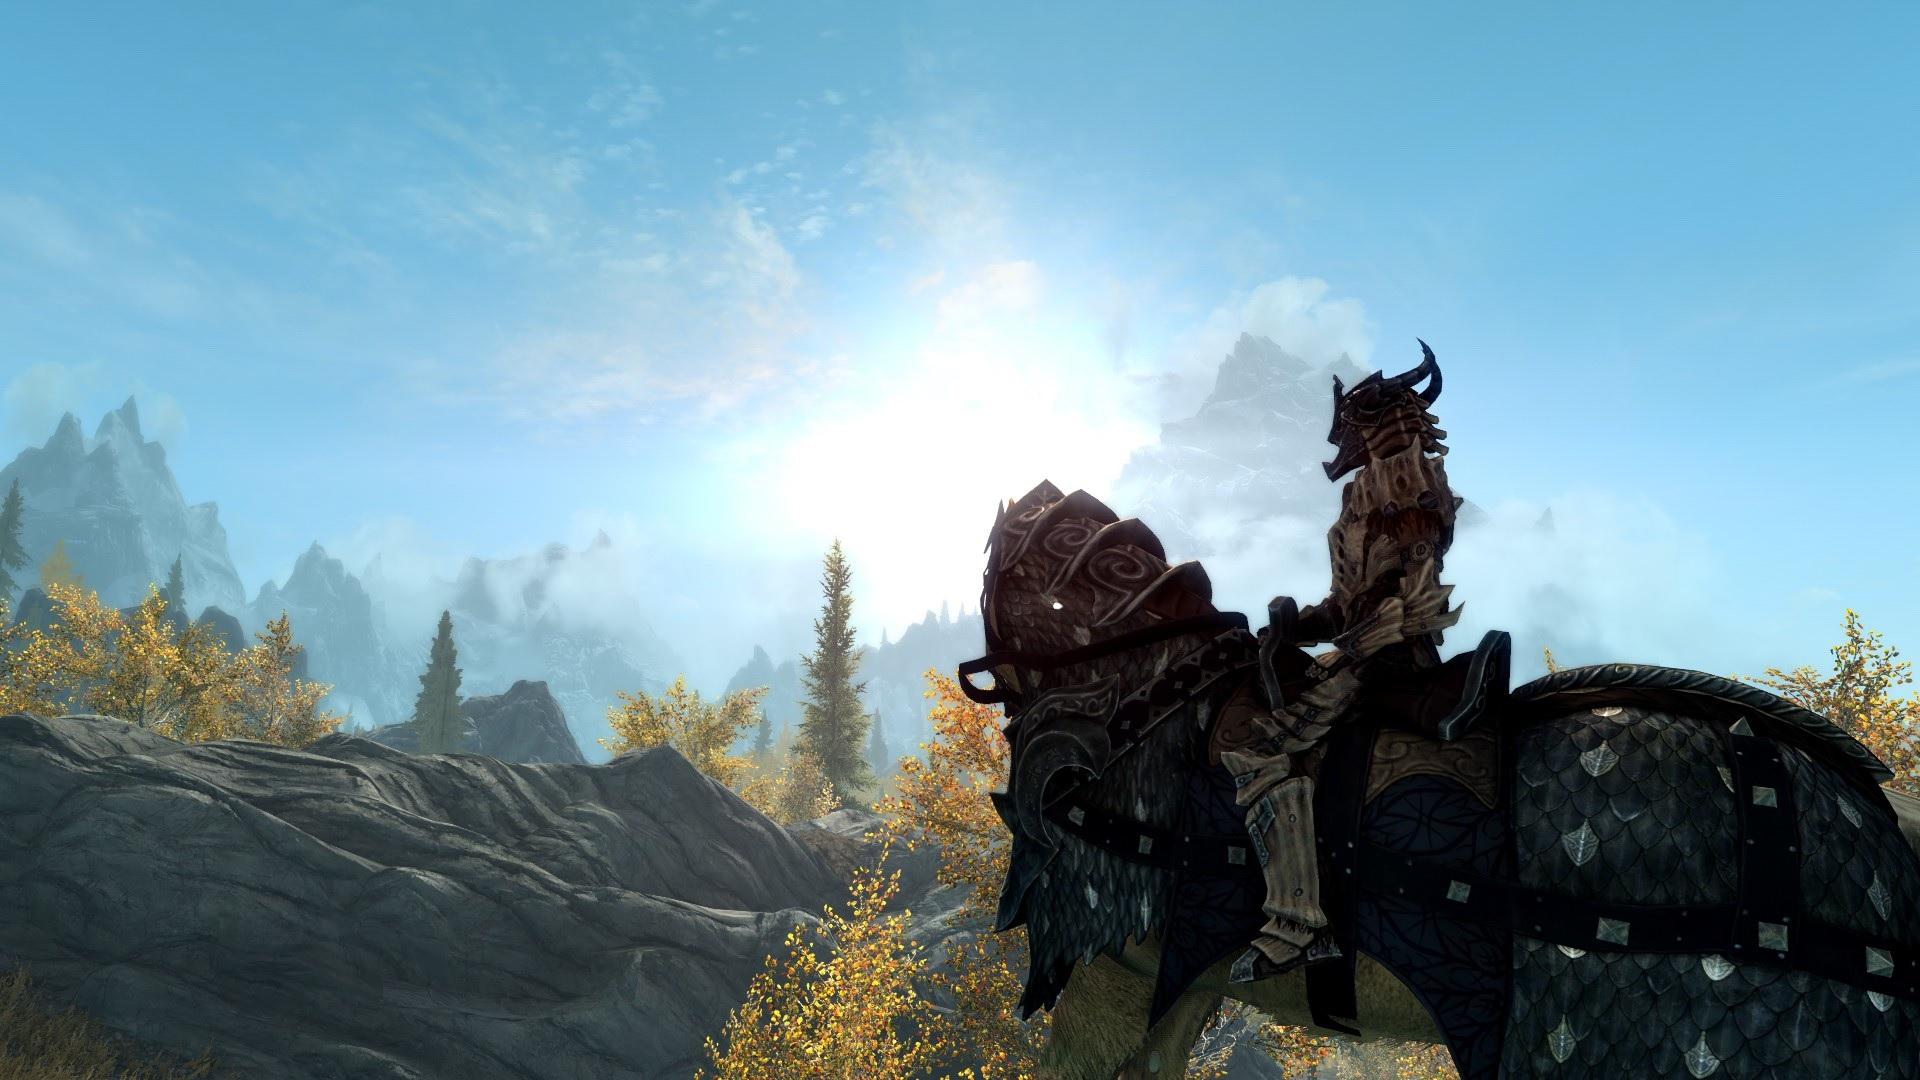 Skyrim: Special Edition mods - Convenient Horses